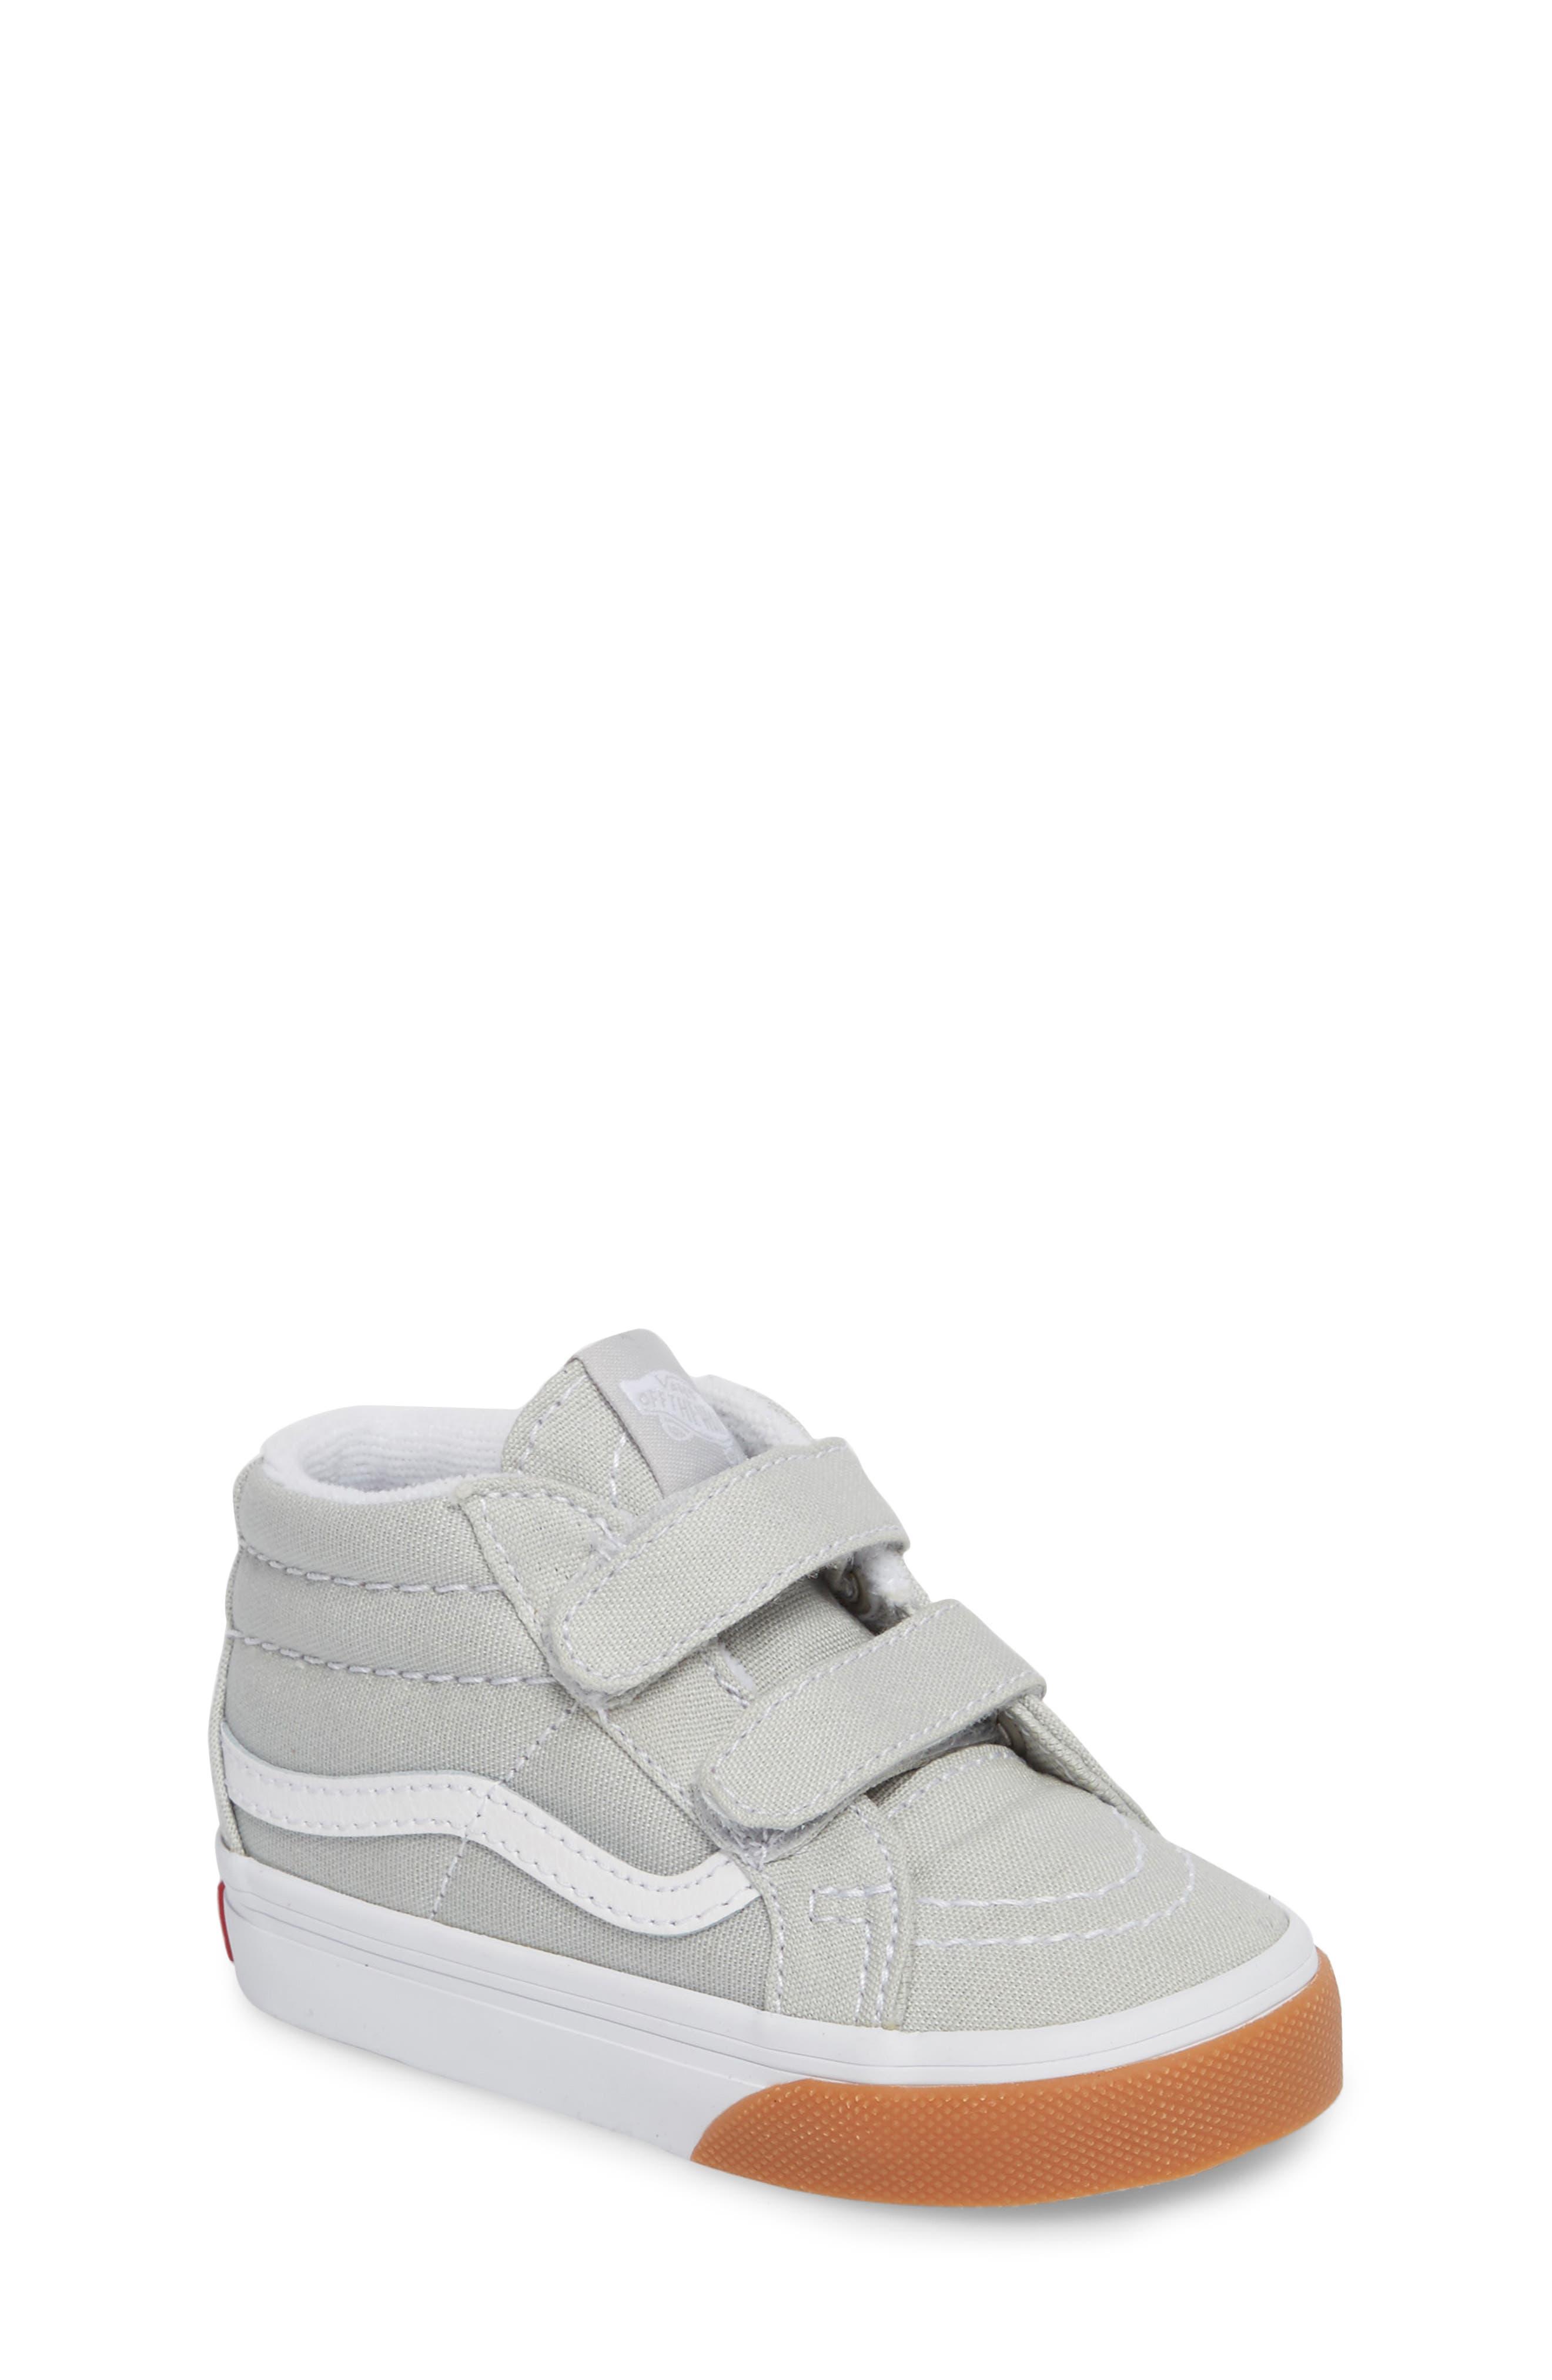 SK8-Mid Reissue V Sneaker,                             Main thumbnail 1, color,